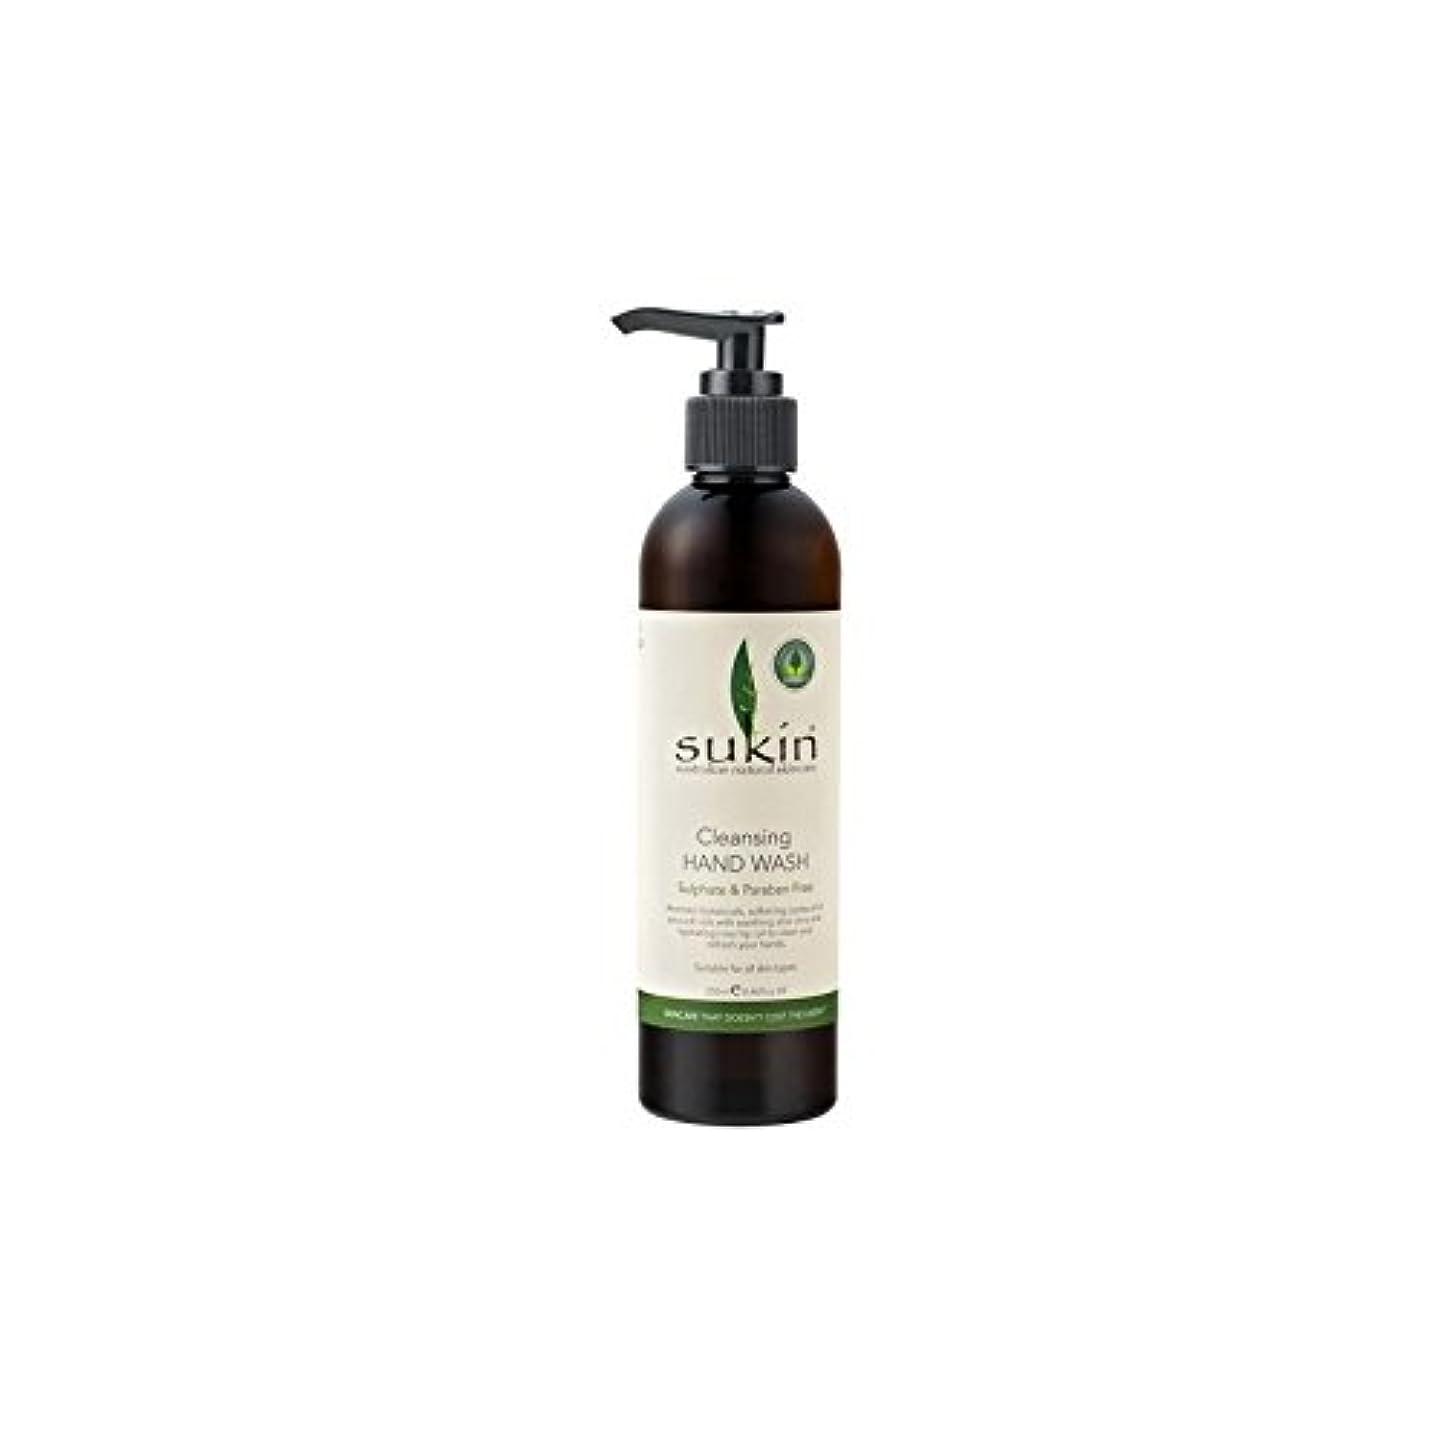 放つ処理認めるSukin Cleansing Hand Wash (250ml) (Pack of 6) - クレンジングハンドウォッシュ(250ミリリットル) x6 [並行輸入品]